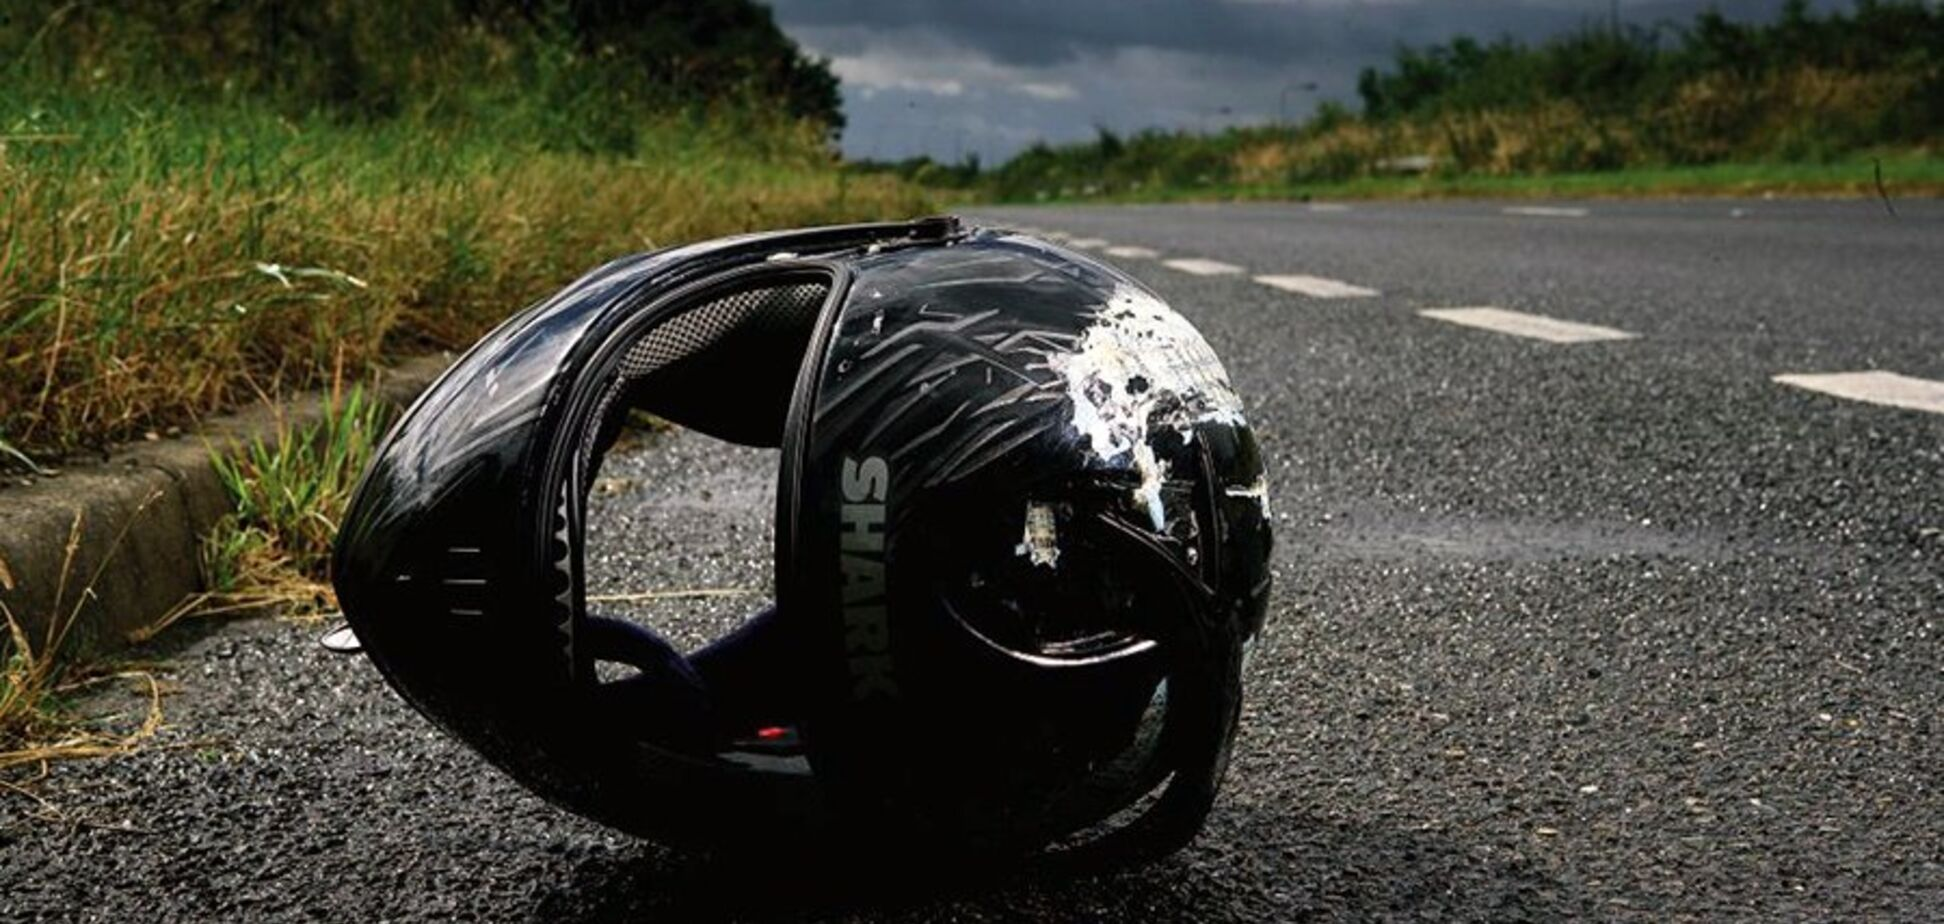 Калюжа крові й відірвані пальці: в Дніпрі мотоцикл влетів у Audi. Фото 18+